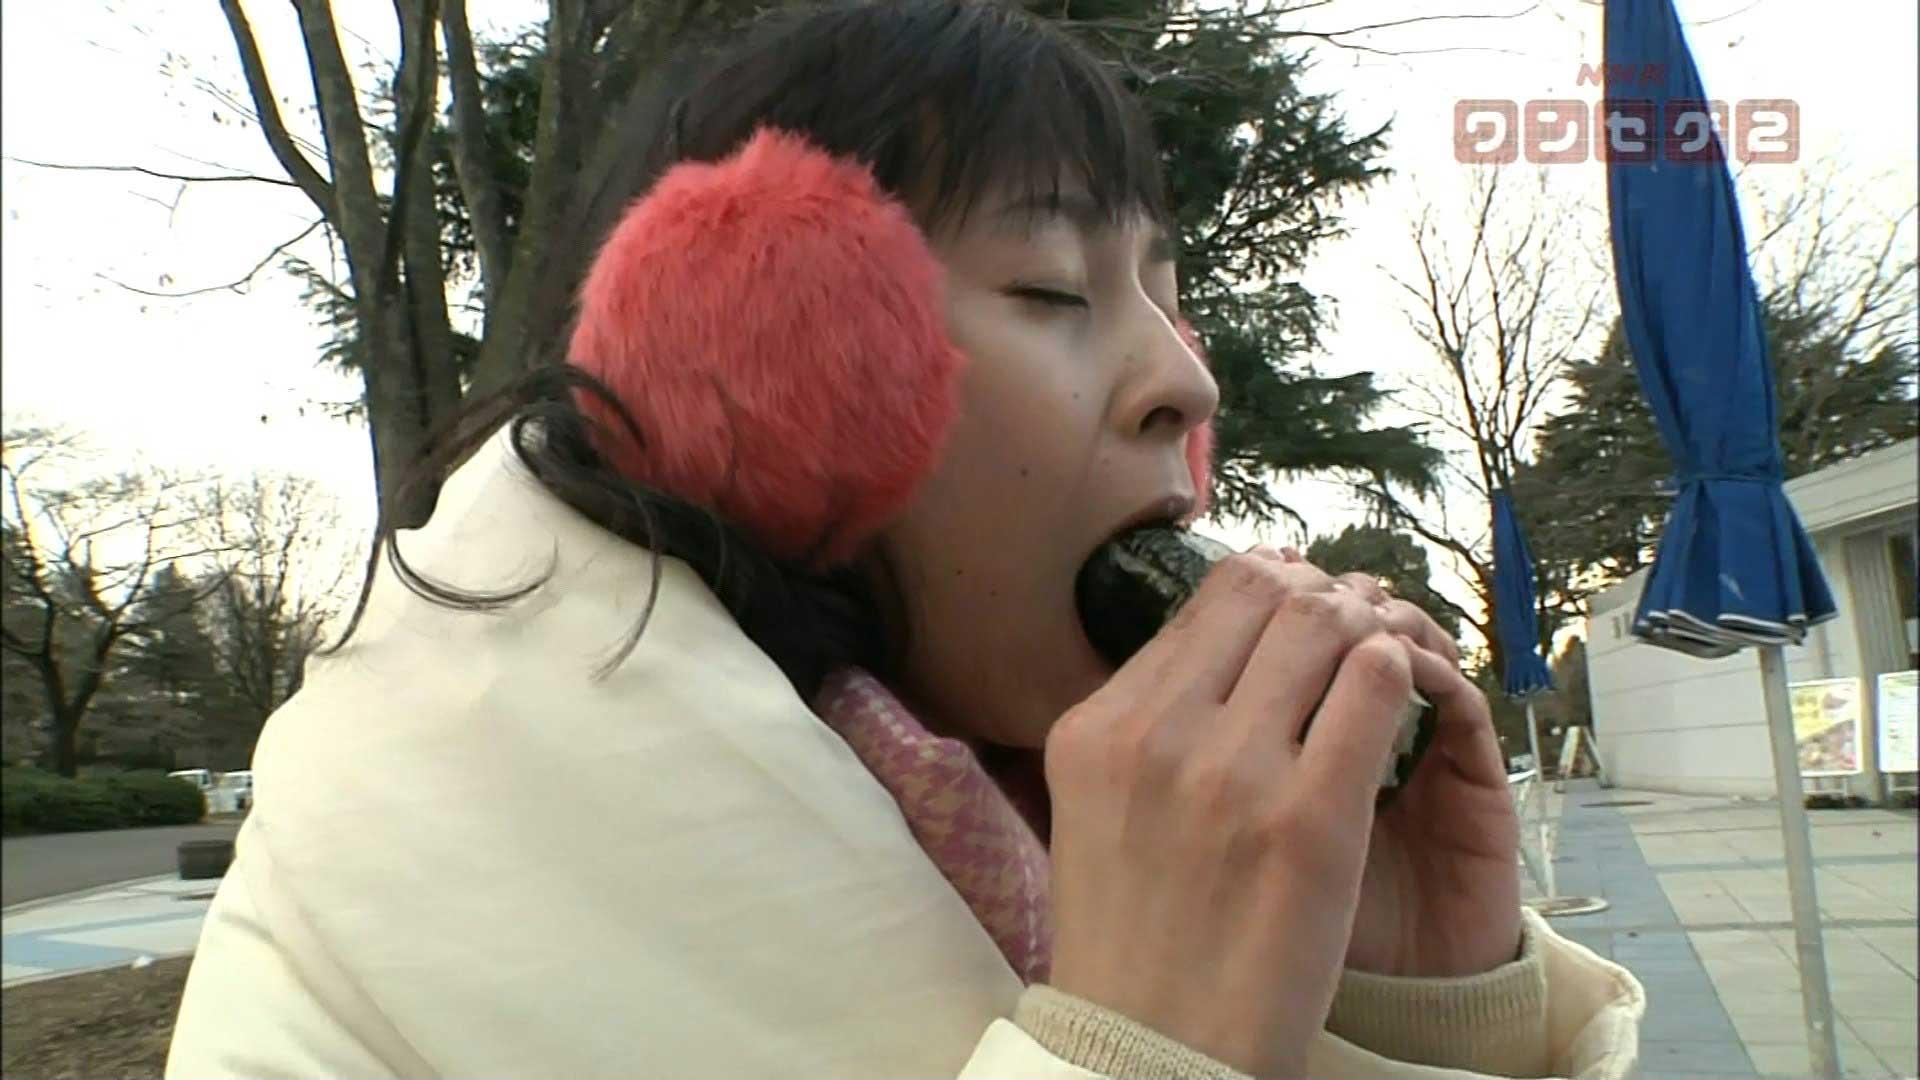 NHK女子アナ ブラタモリ 久保田祐佳 顔アップ 口開け フェラ顔 エロかわいい画像